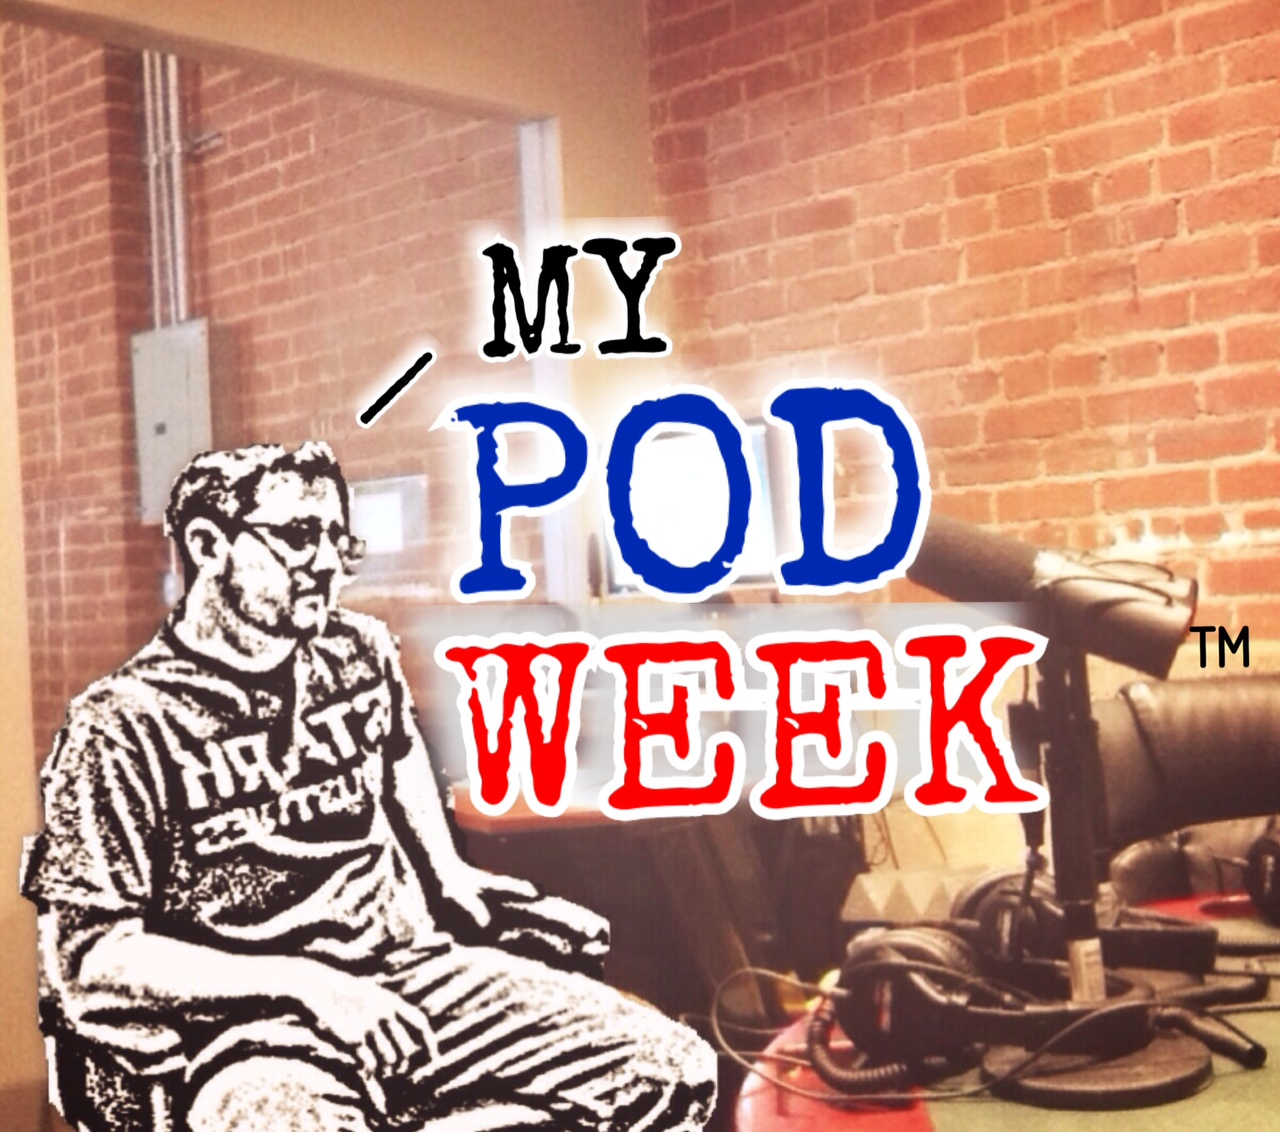 My Pod Week: Week ending 5/04/14